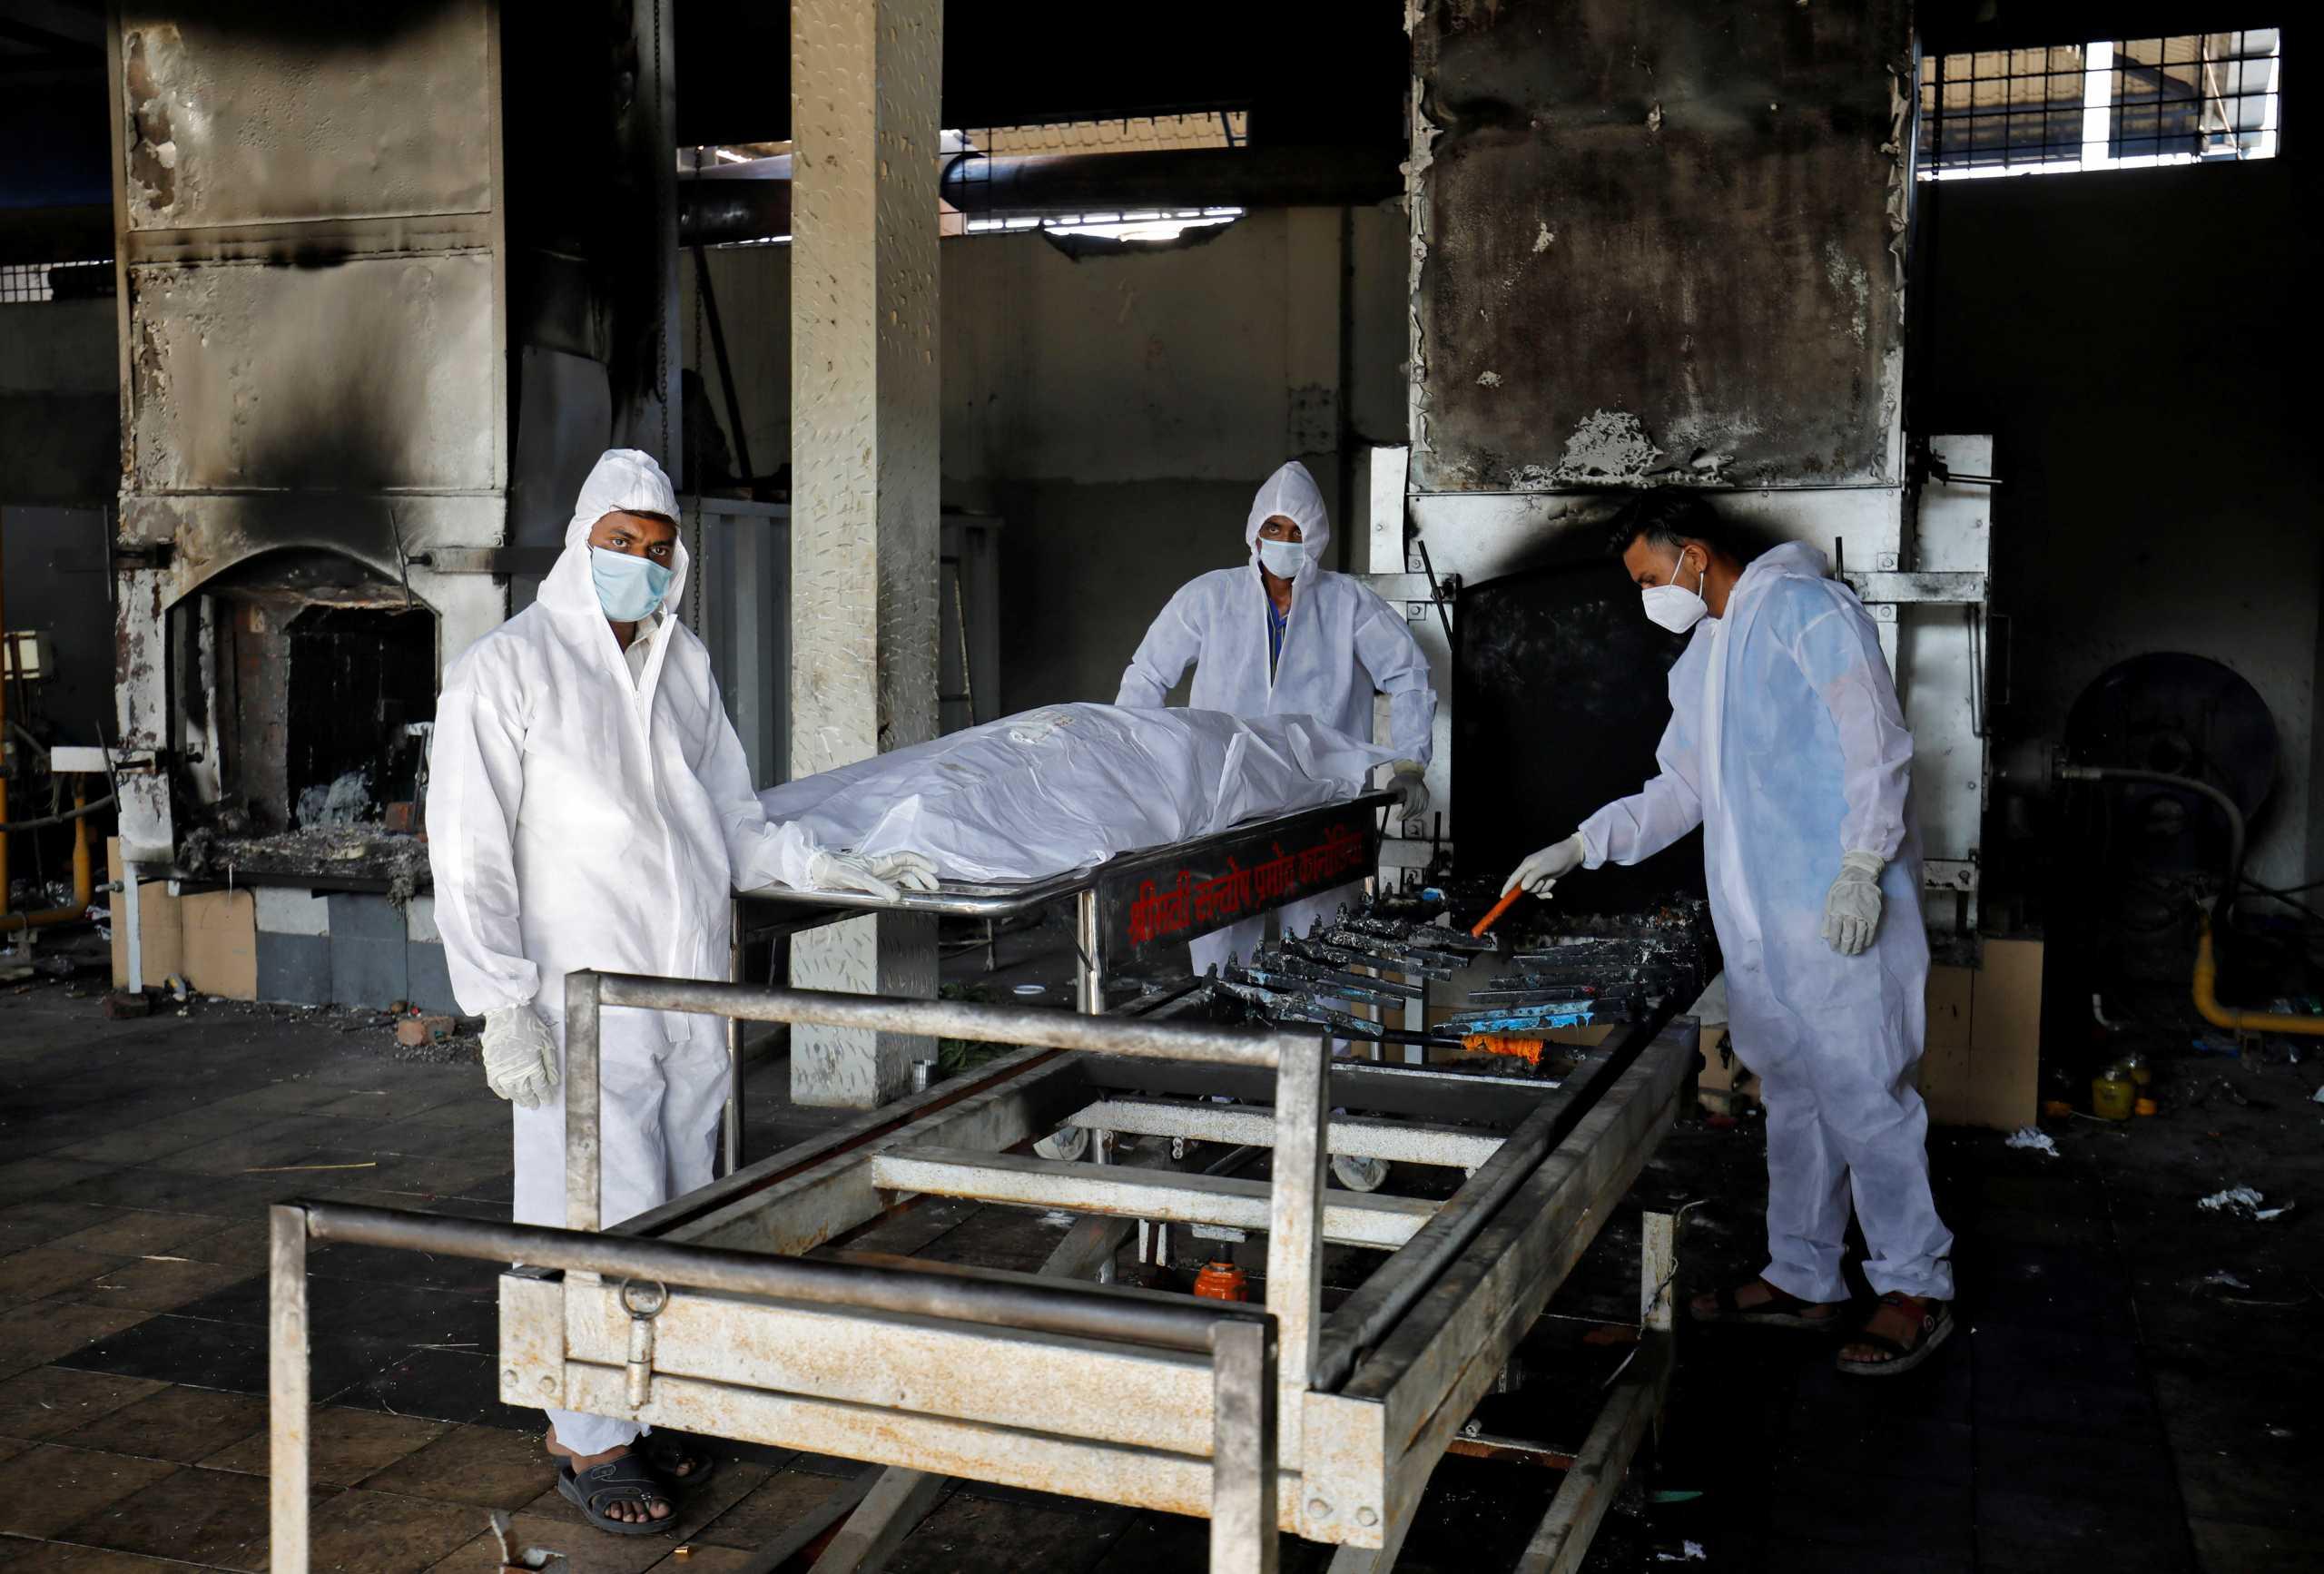 Ινδία: 542 νεκροί από κορονοϊό και 38.949 κρούσματα το τελευταίο 24ωρο